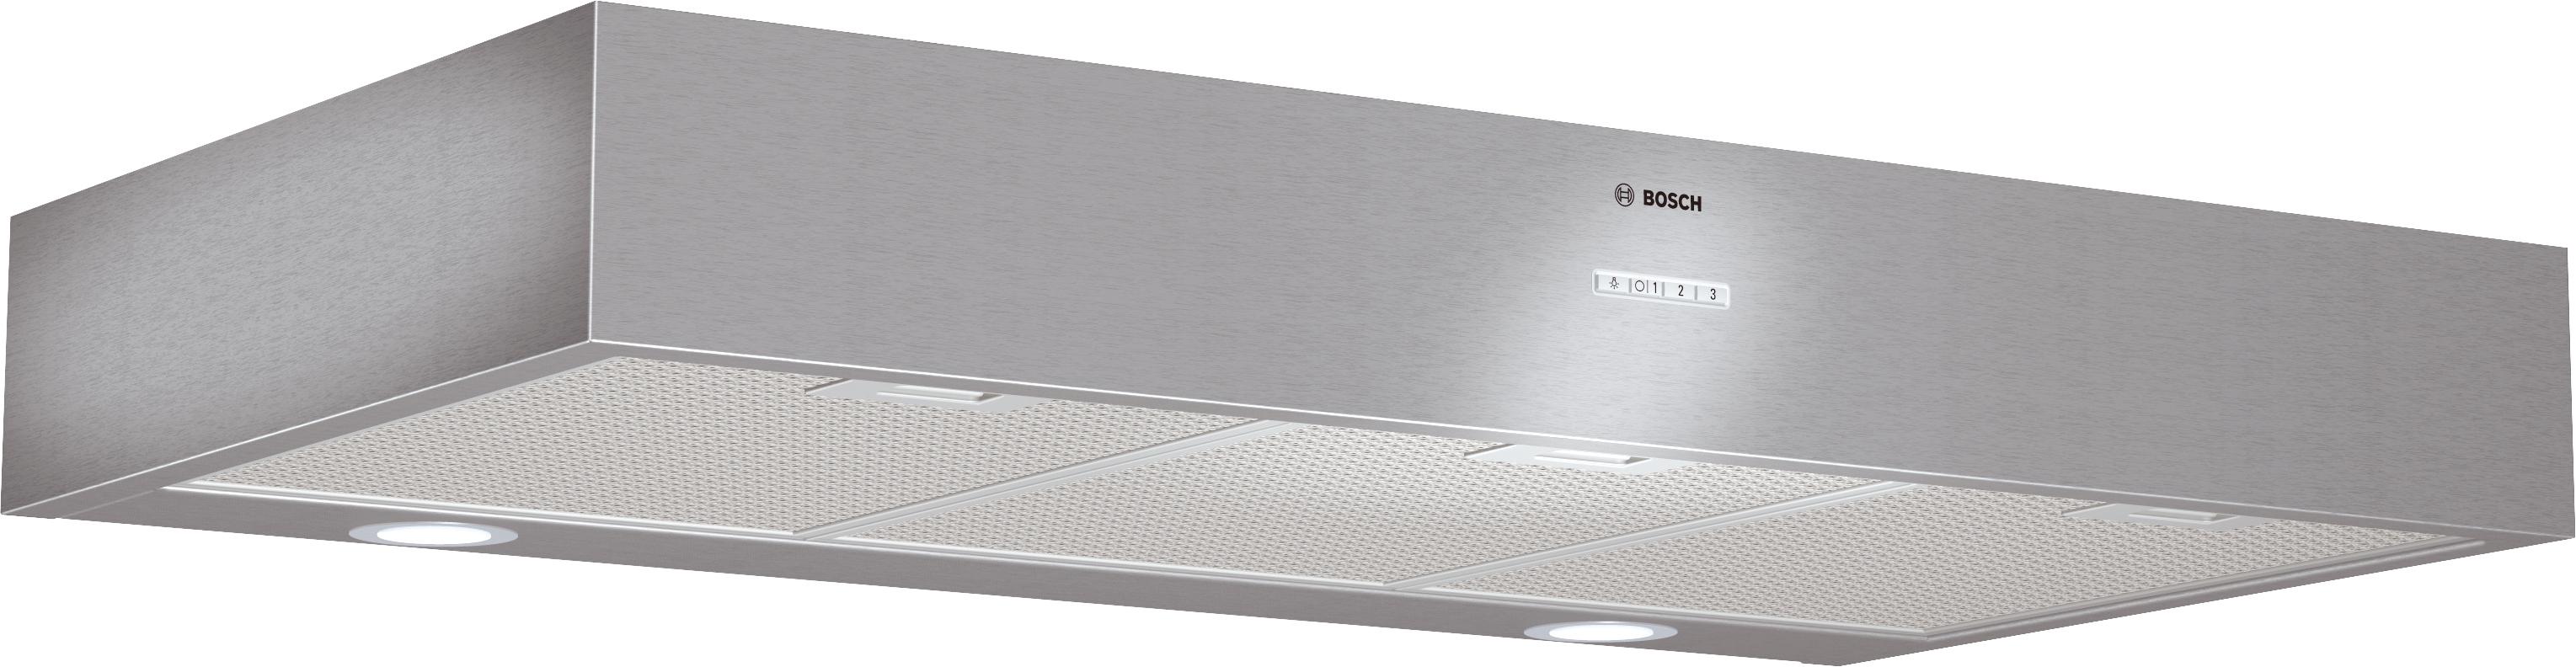 Bosch DHU965E Dunstabzugshaube (Silber)